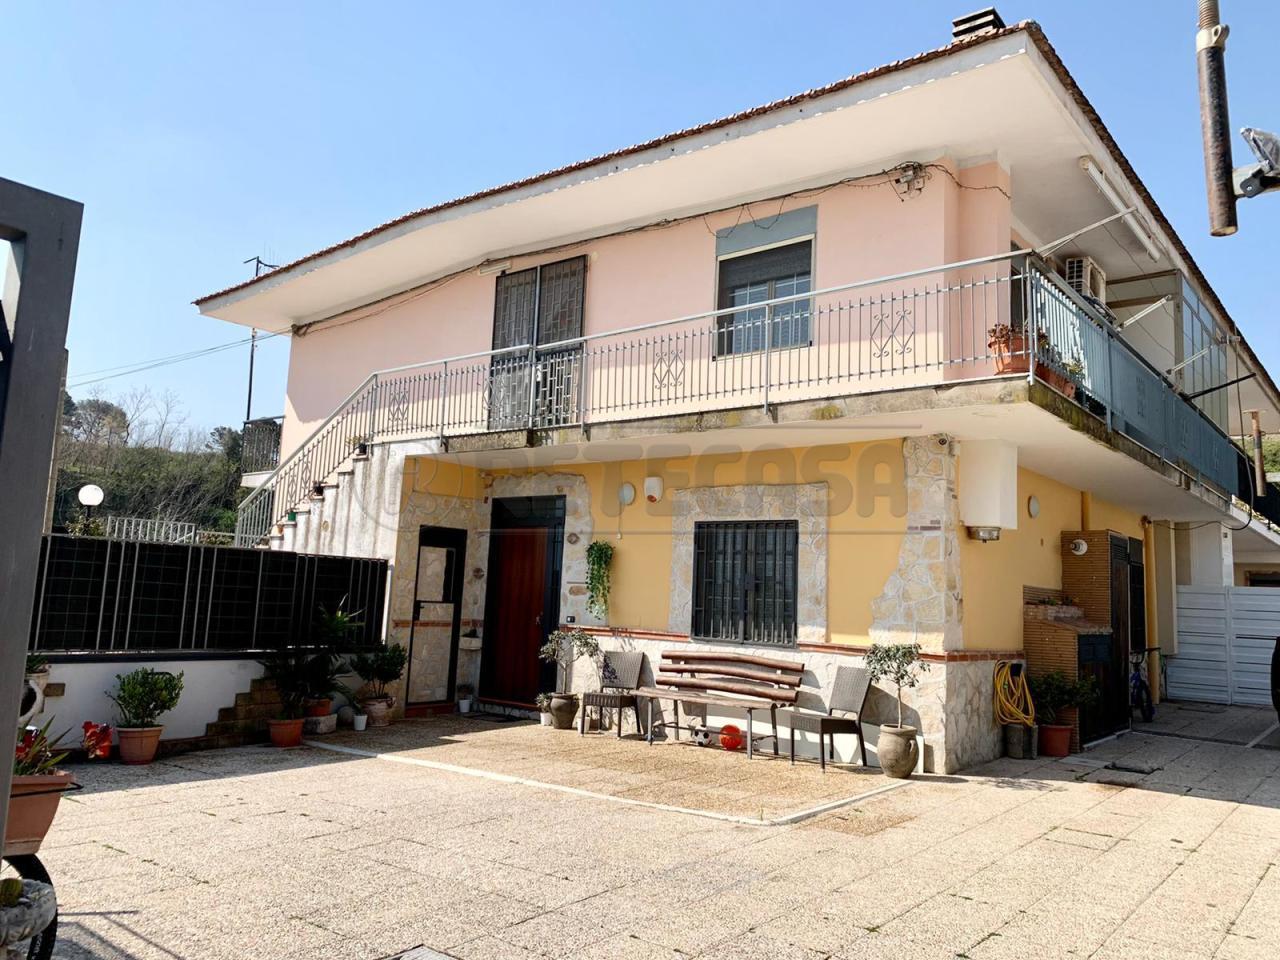 Soluzione Semindipendente in vendita a Castel San Giorgio, 3 locali, prezzo € 139.000 | CambioCasa.it